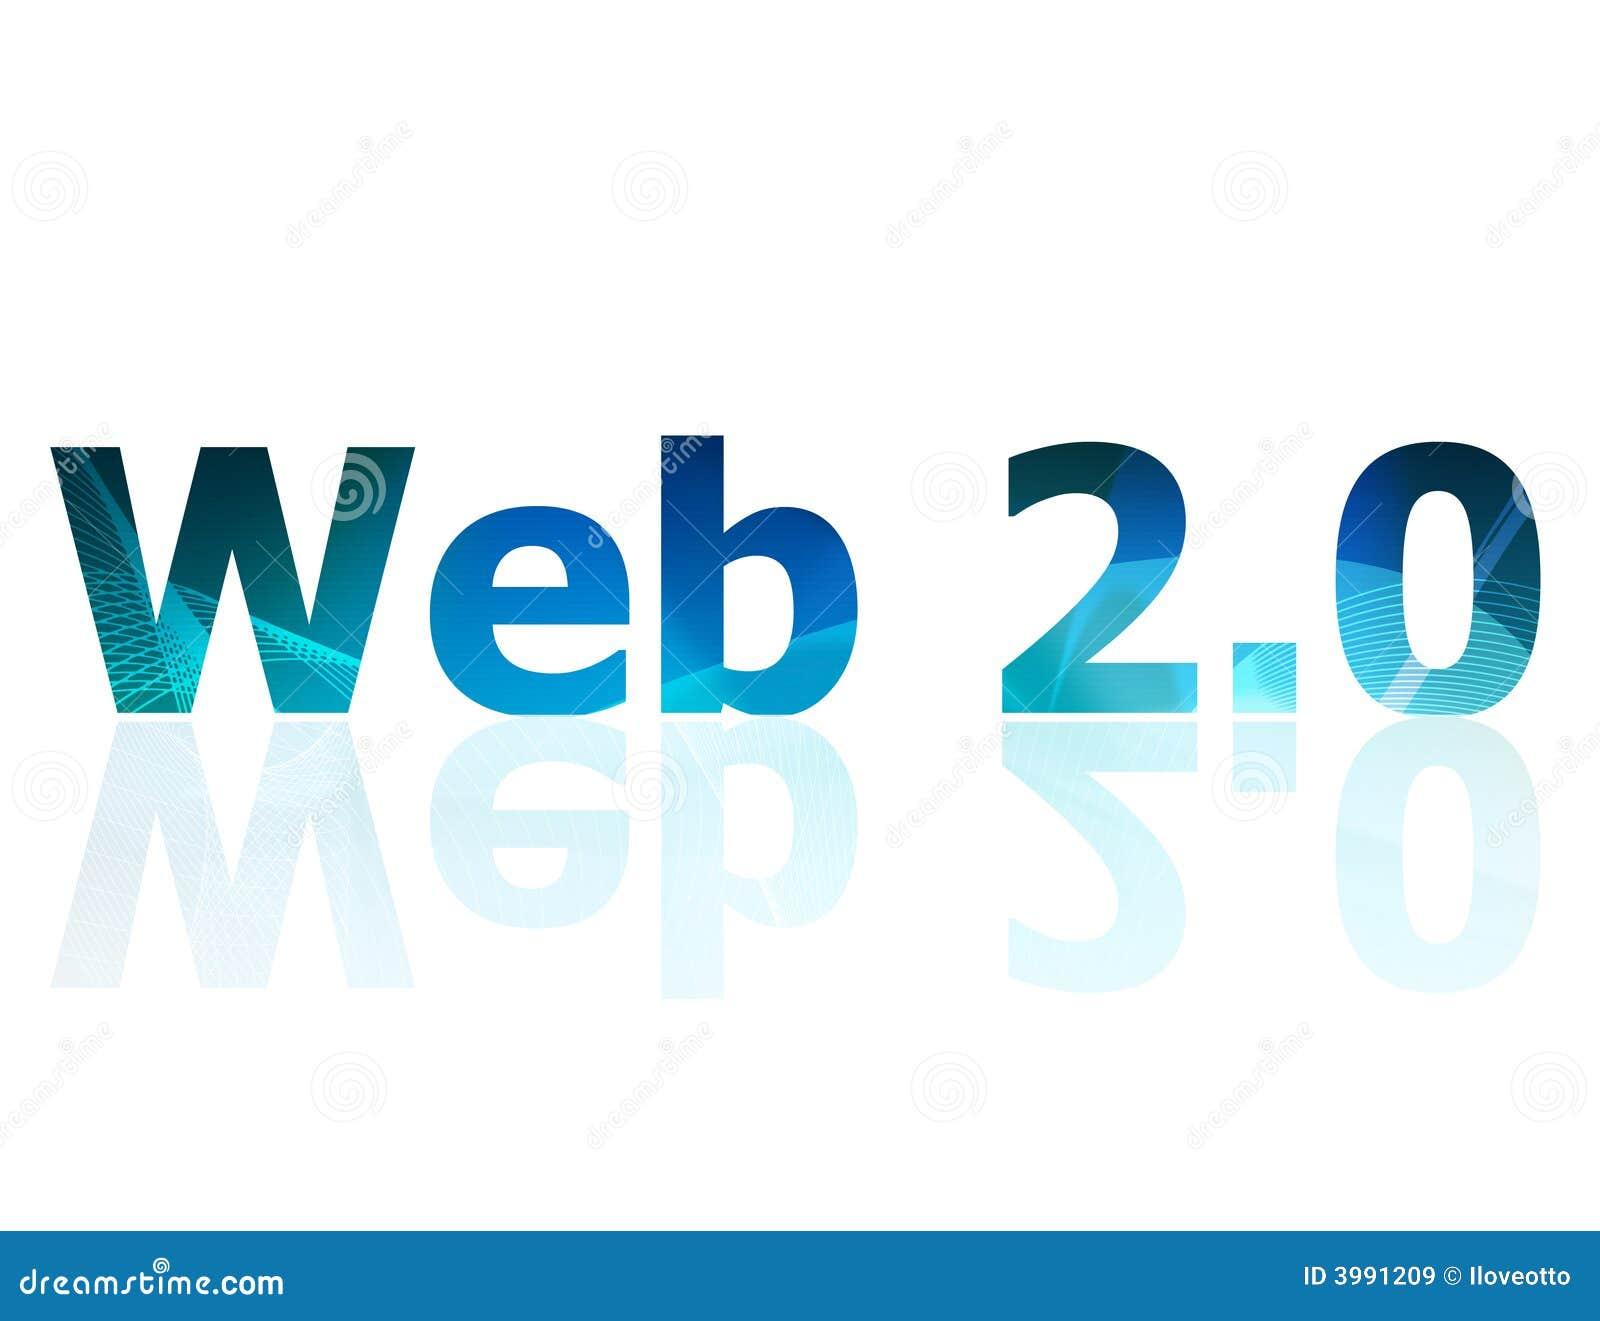 web-2-0-3991209.jpg